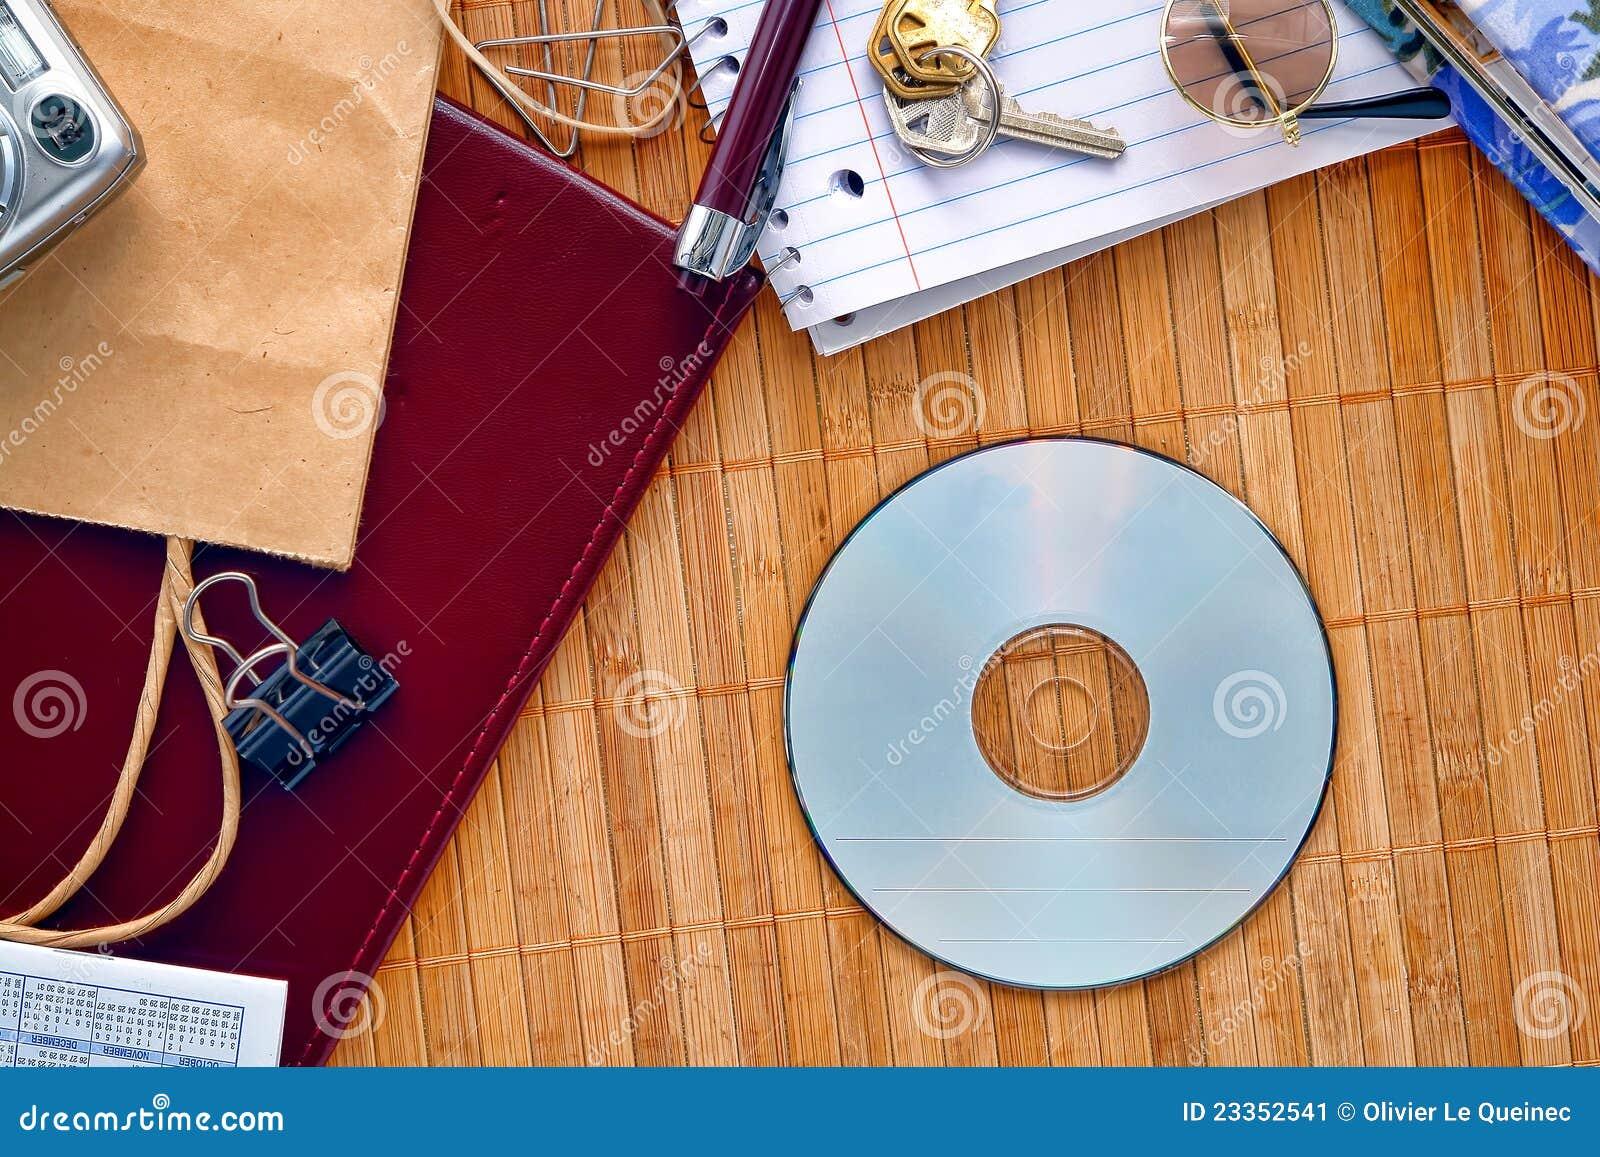 空白CD的复印处光盘dvd杂乱空间